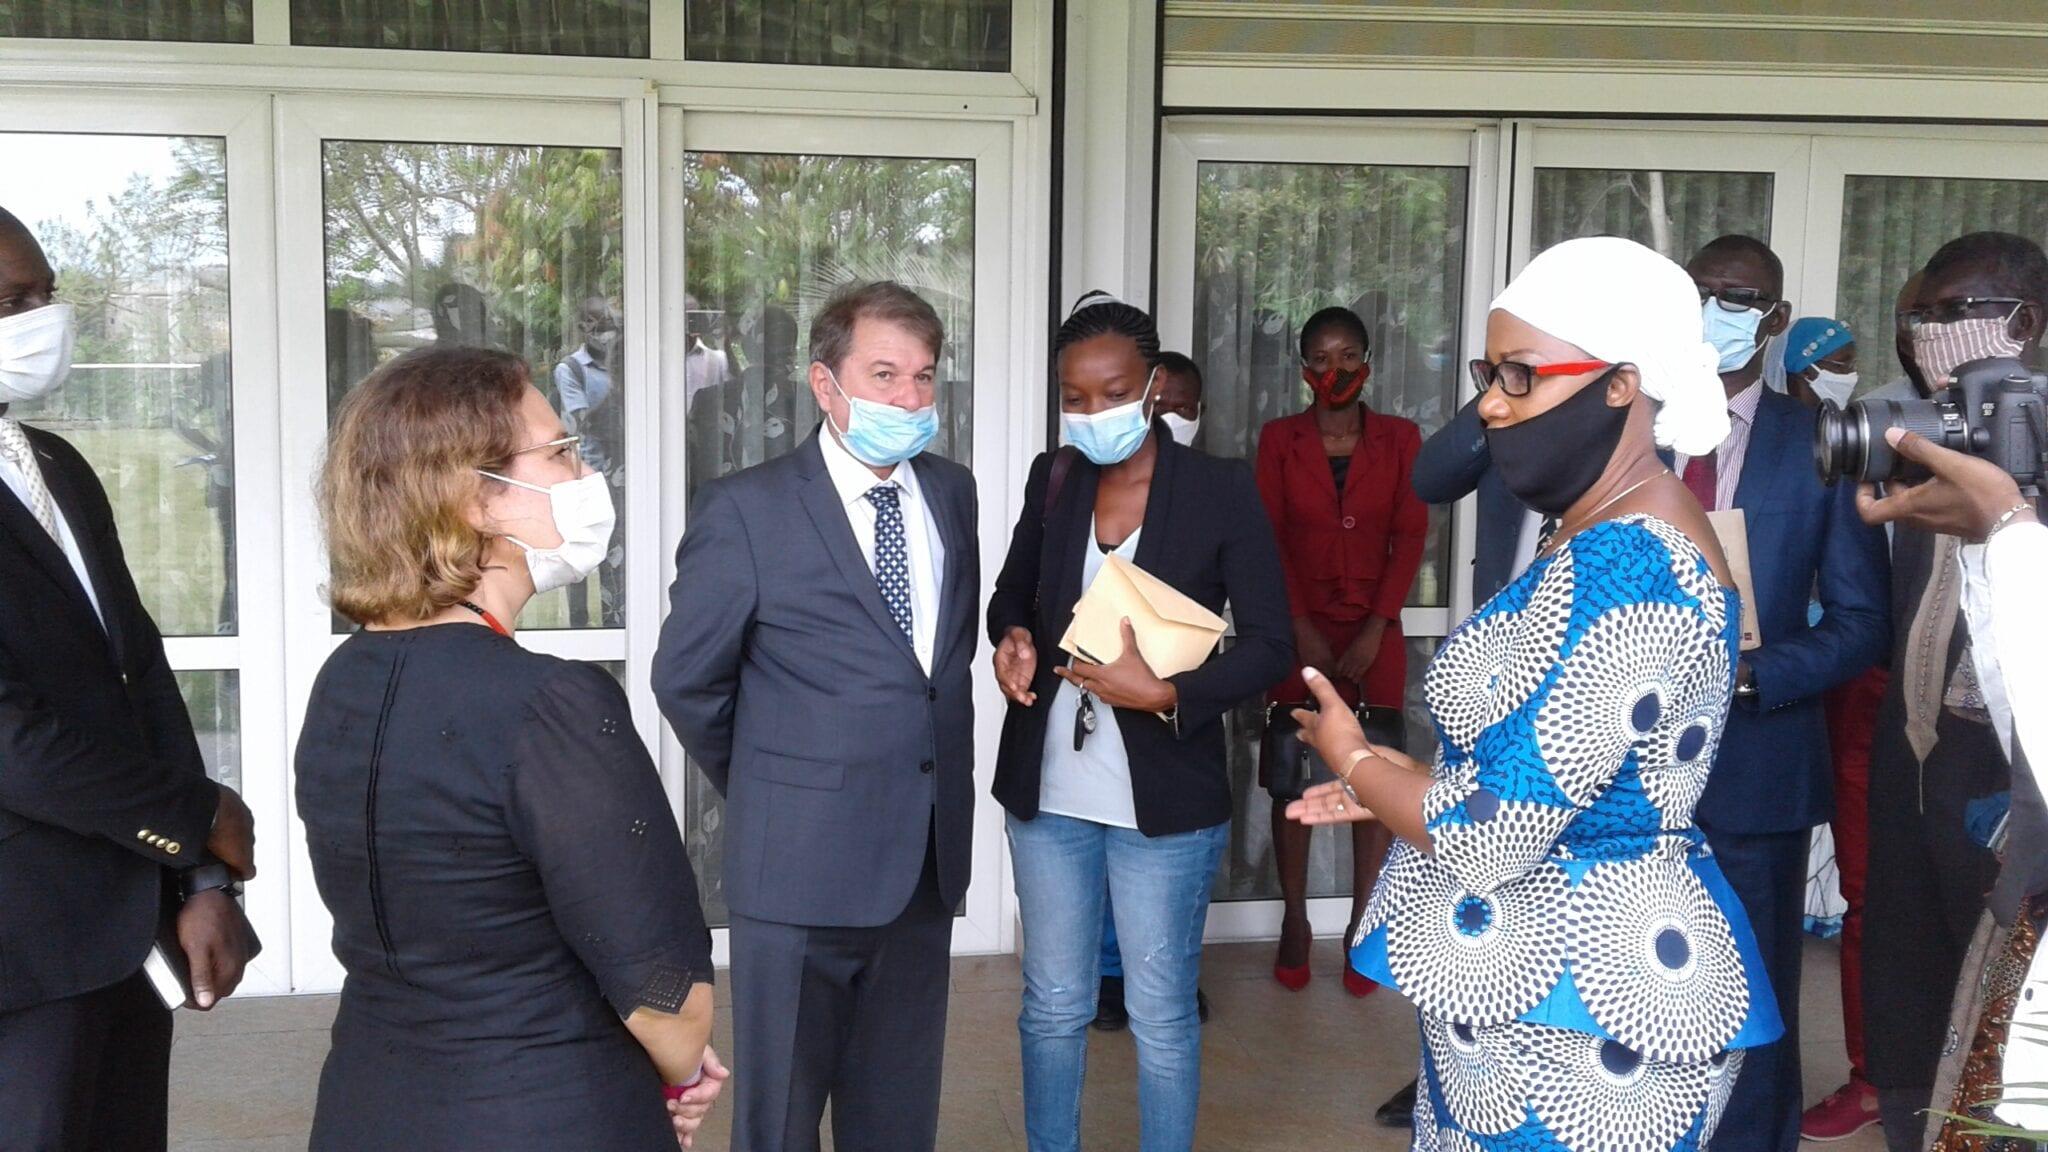 Côte d'Ivoire : don d'un groupe ivoiro-turc à une ONG pour assister les personnes vulnérables